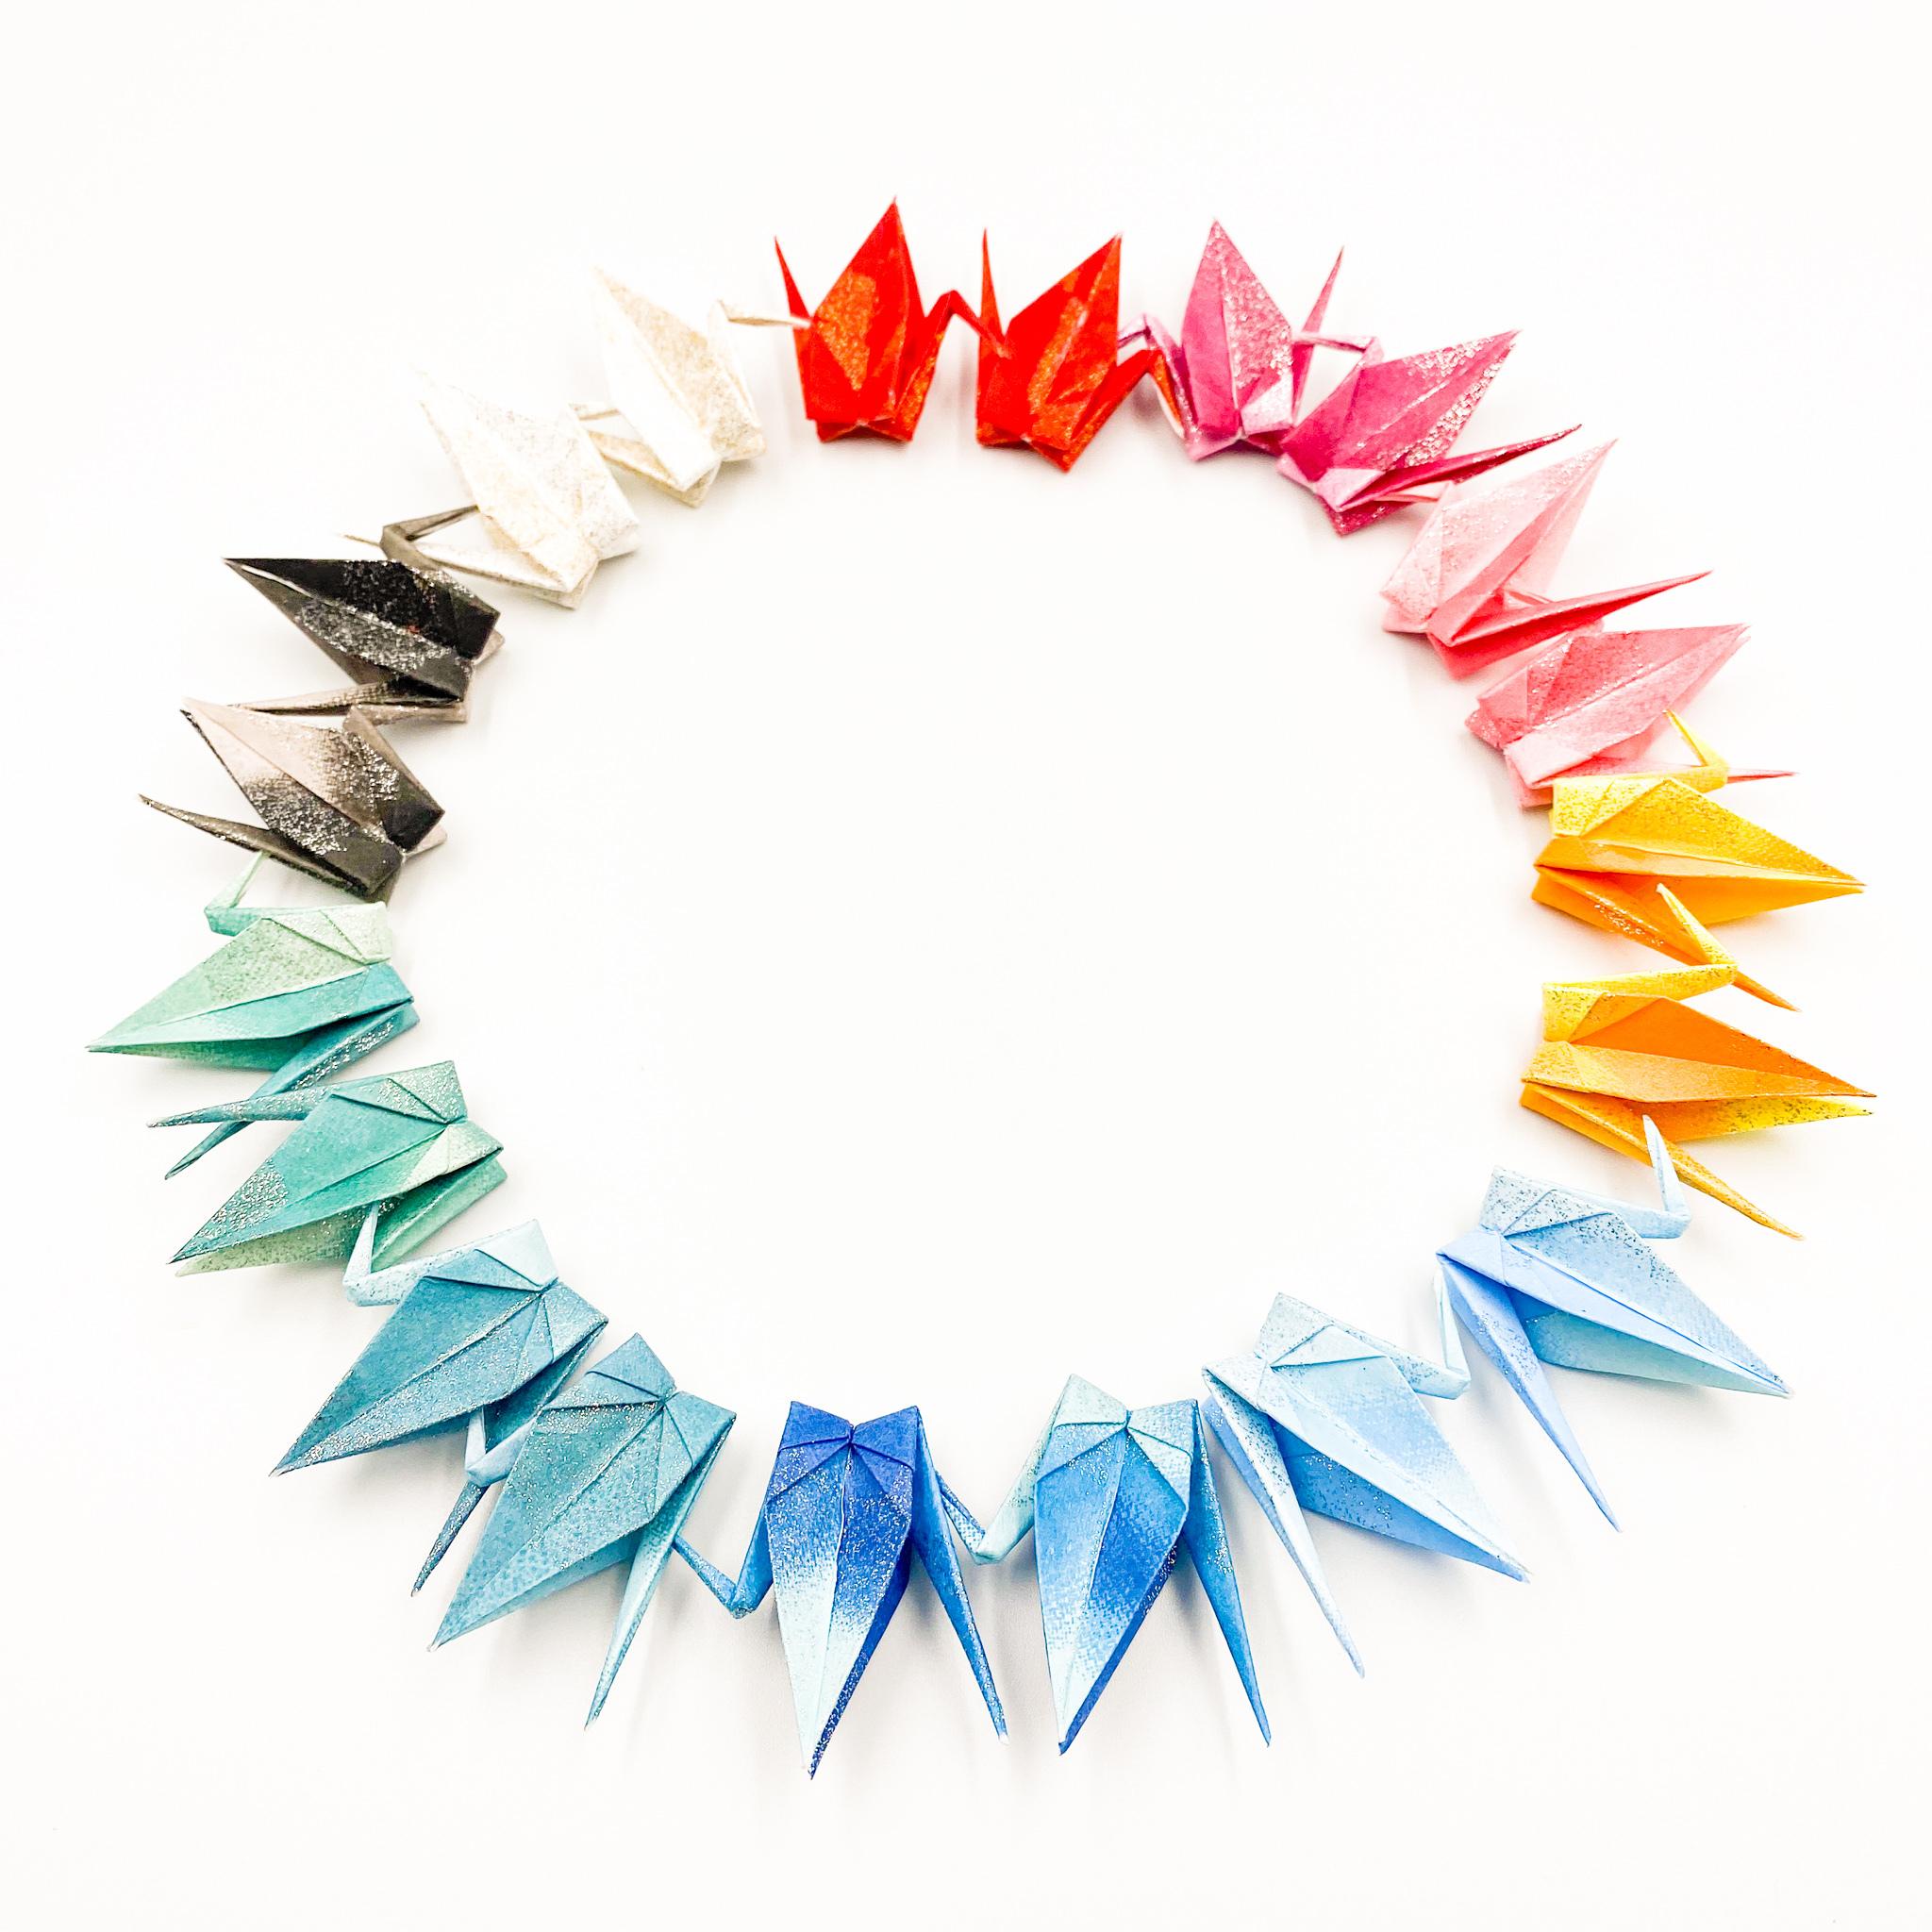 【特別記念価格】「jewel」(神前式、和装婚折り鶴シャワー演出・和風撮影小物)80羽入り